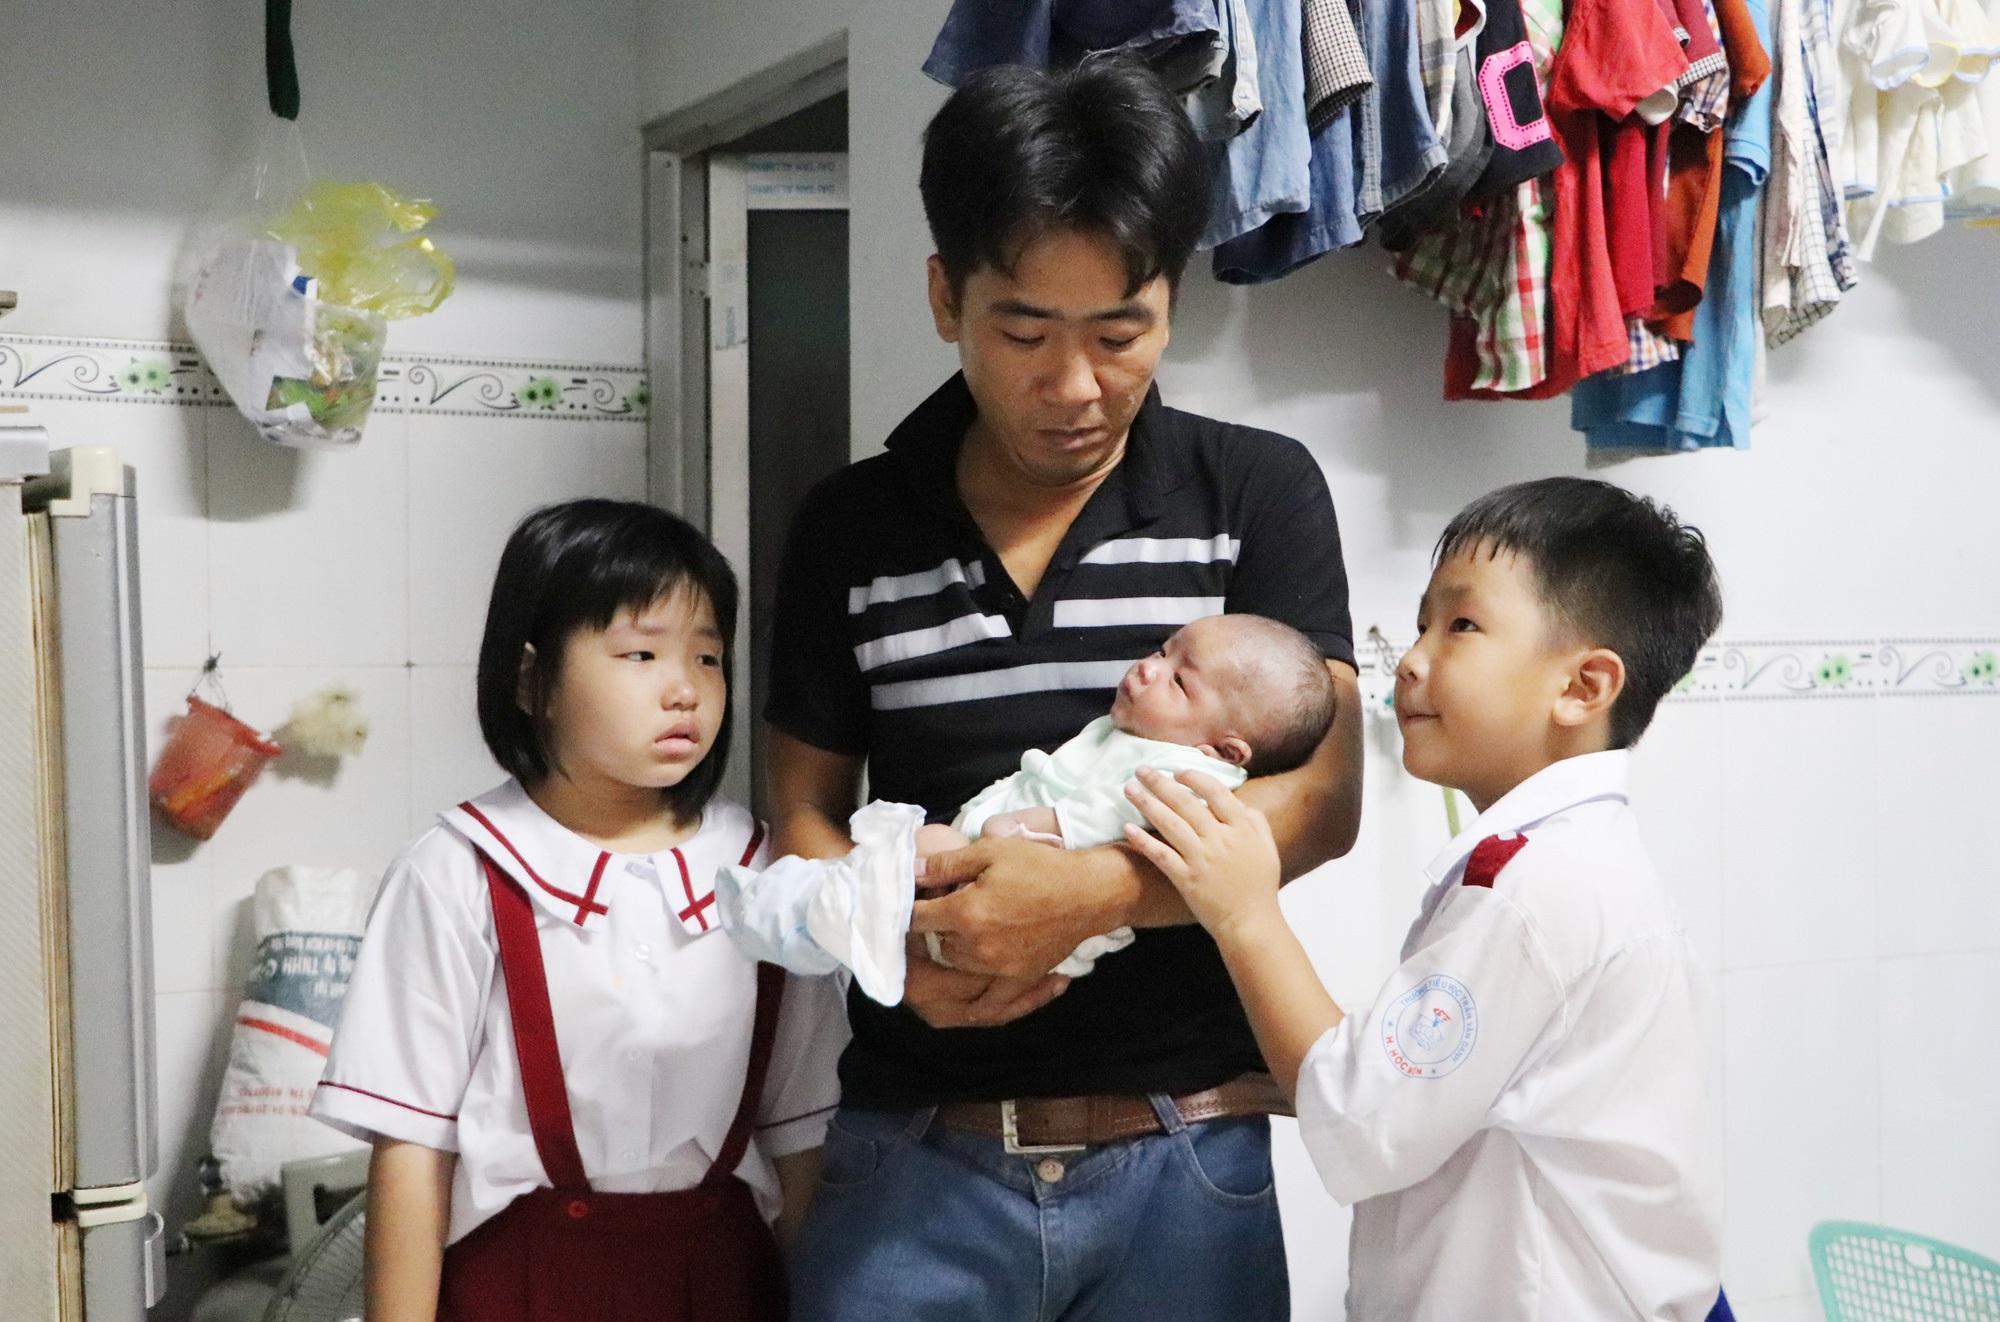 Vợ mất, chồng ôm 4 đứa con khờ dại: 'Mẹ con không về nữa đâu' - Ảnh 8